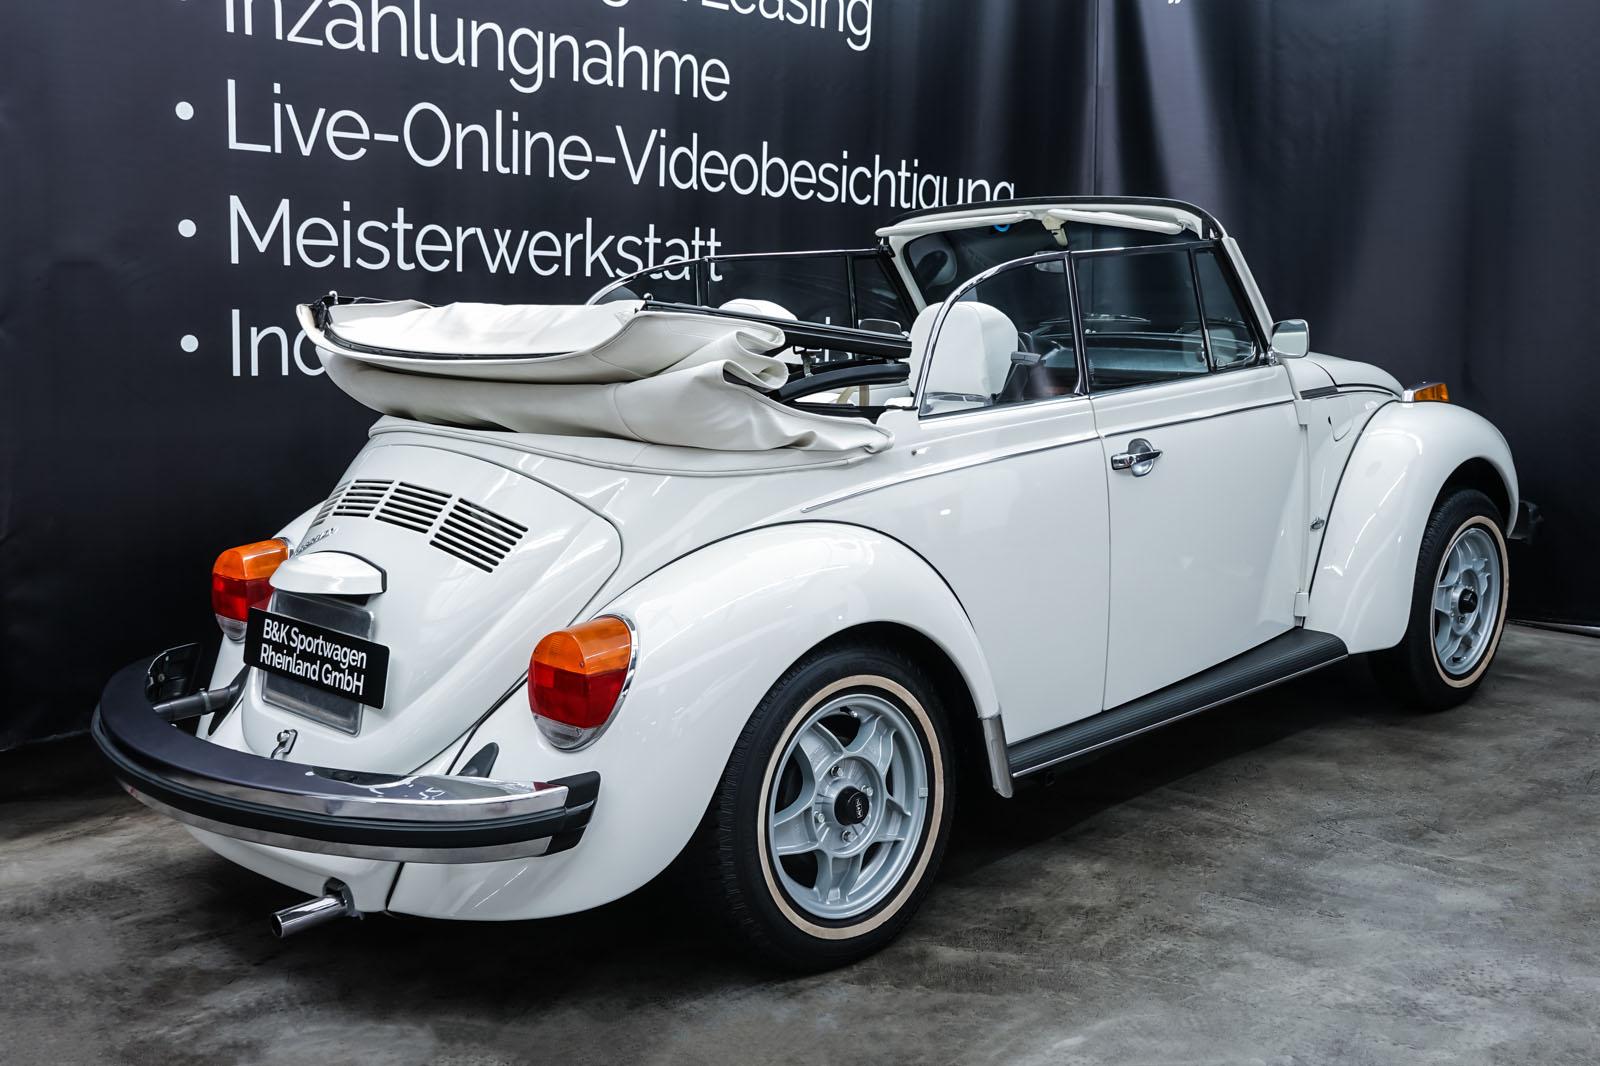 VW_Käfer_Cabrio_Weiß_Weiß_VW-3481_17_w